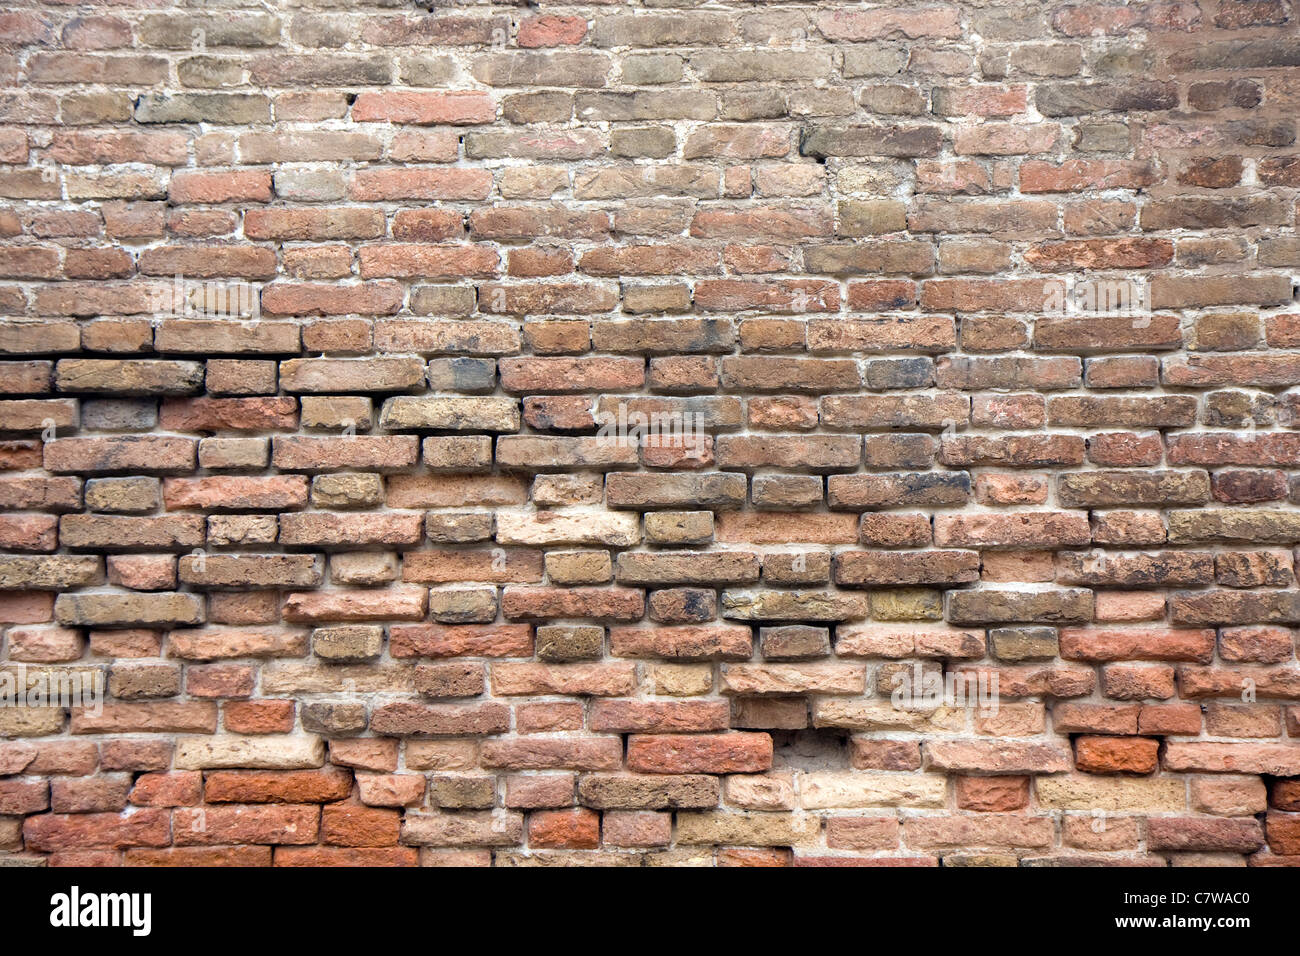 Muro di mattoni rossi in una strada Immagini Stock